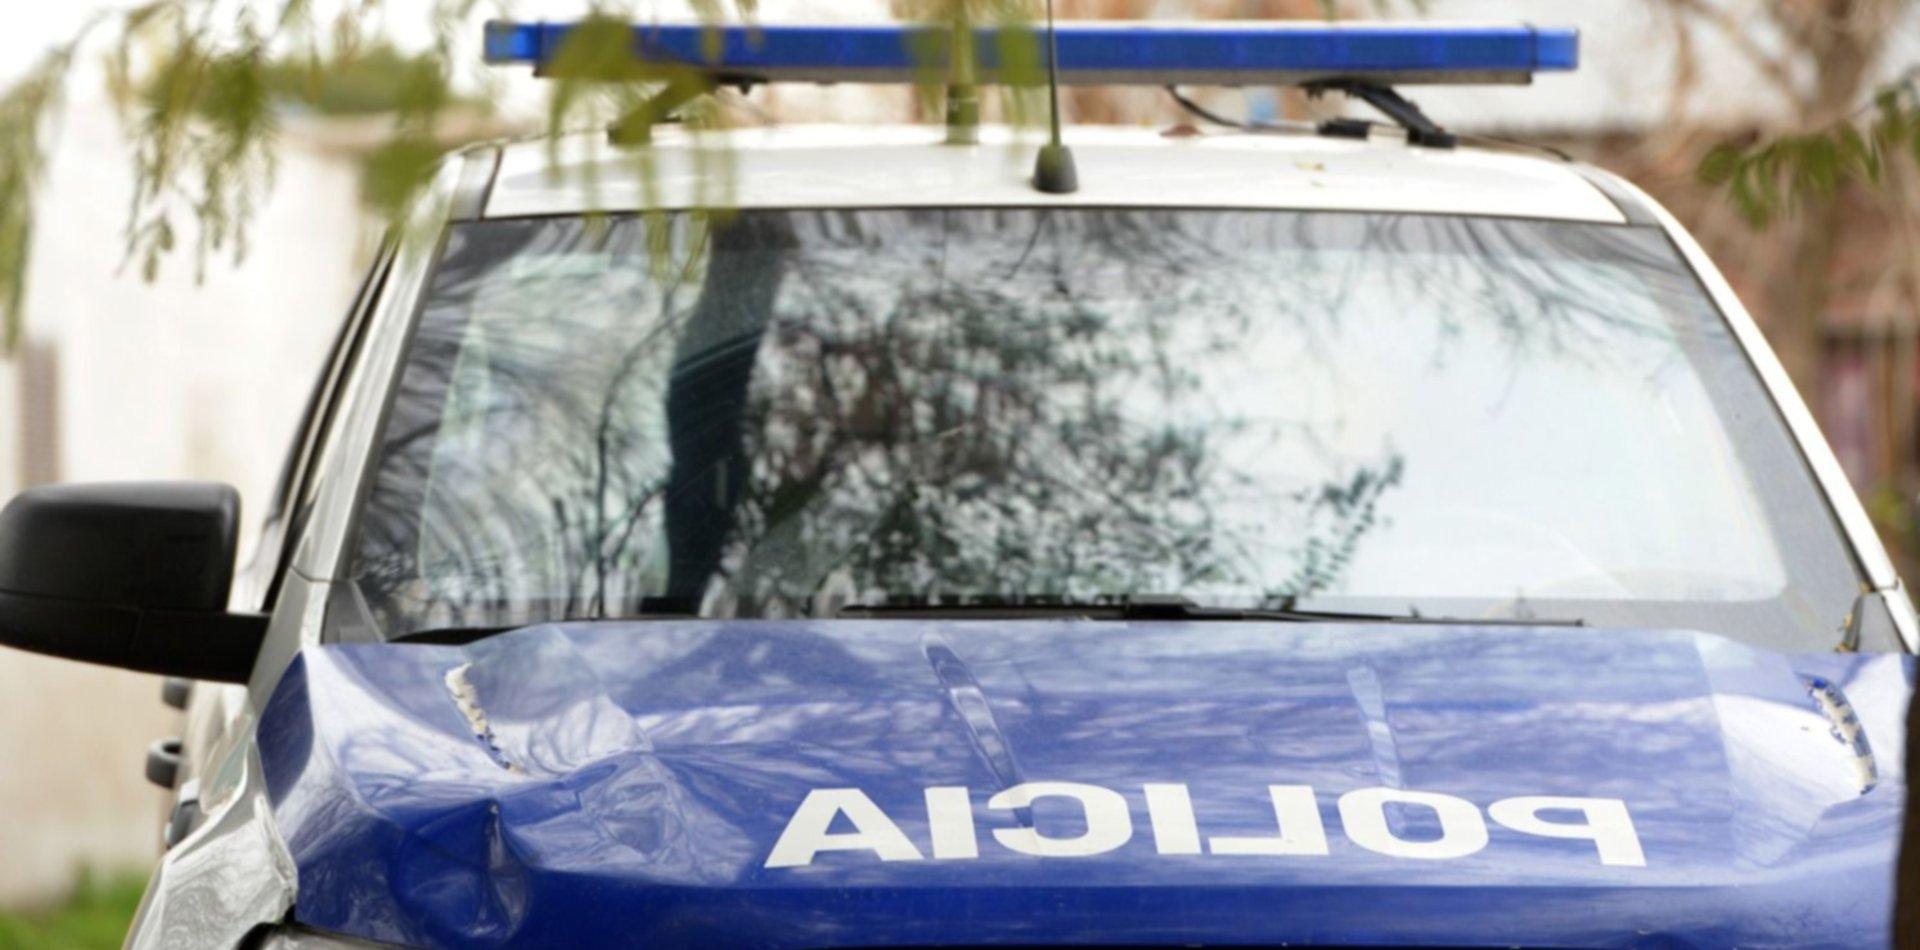 Dos hermanos quisieron robar una camioneta en La Plata y terminaron presos